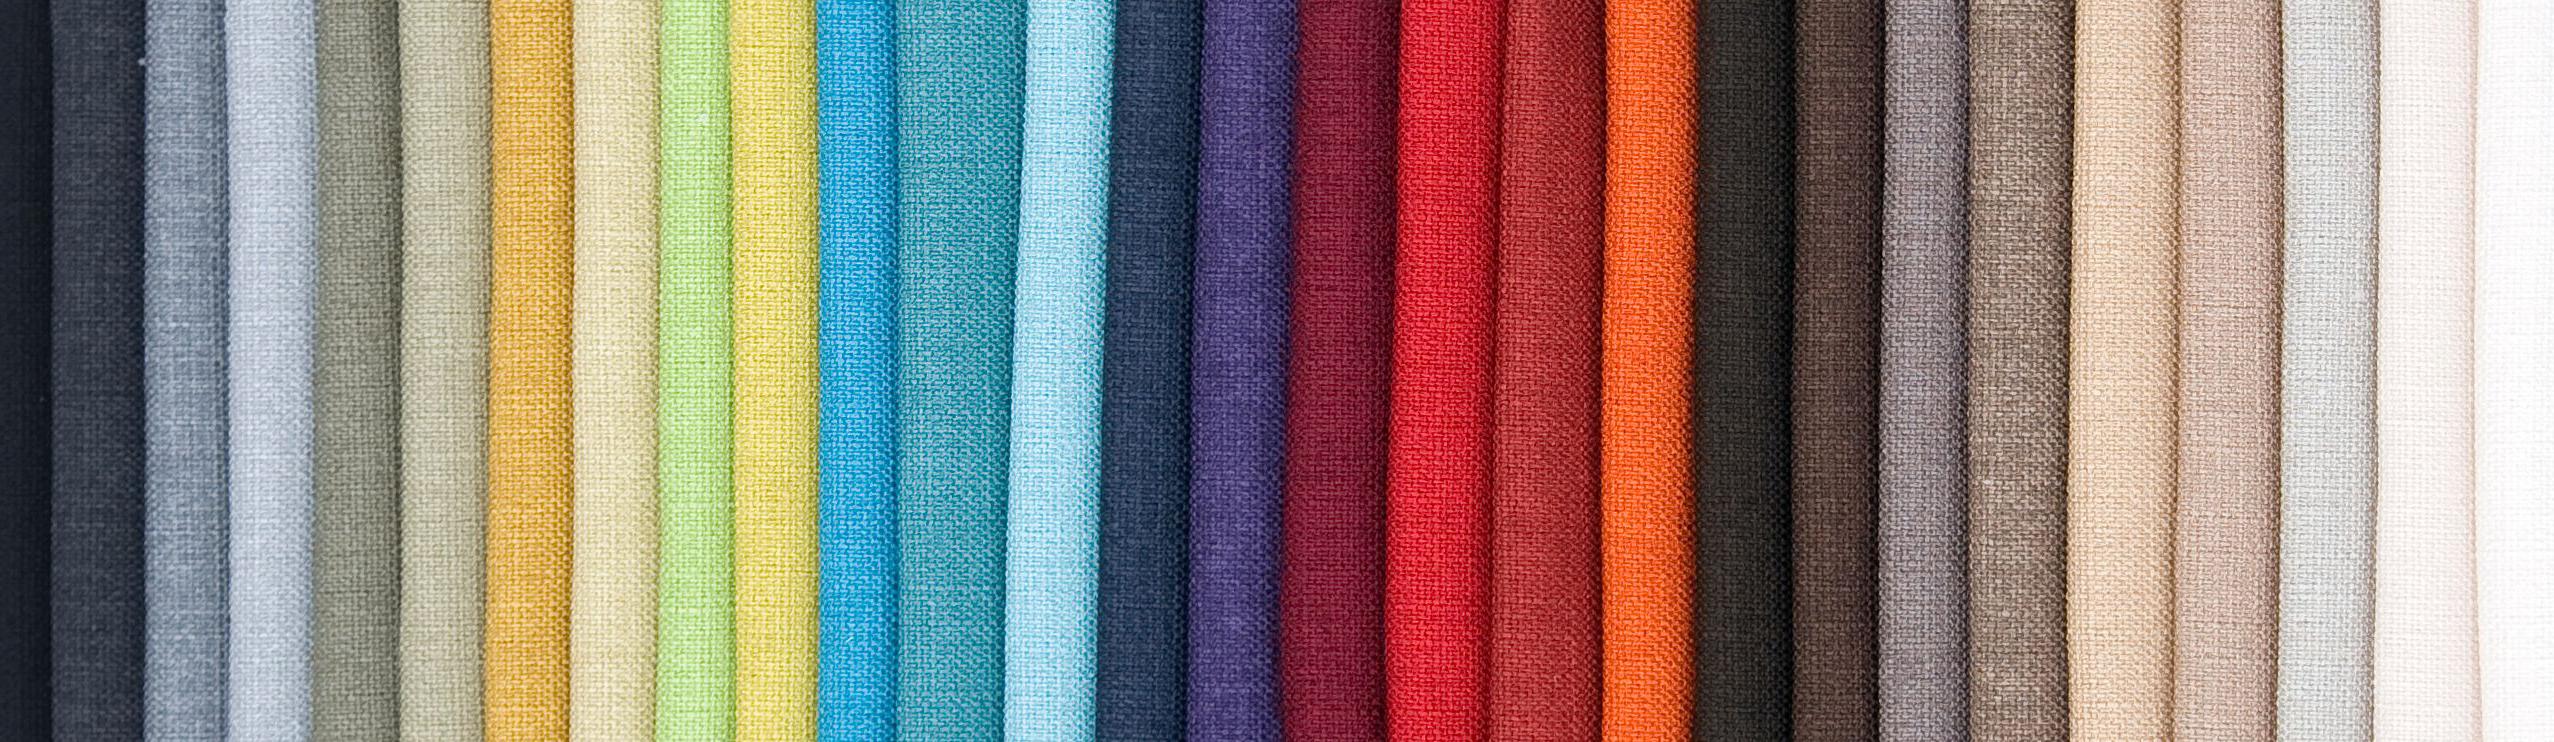 Tillvalsfärger-horizontal